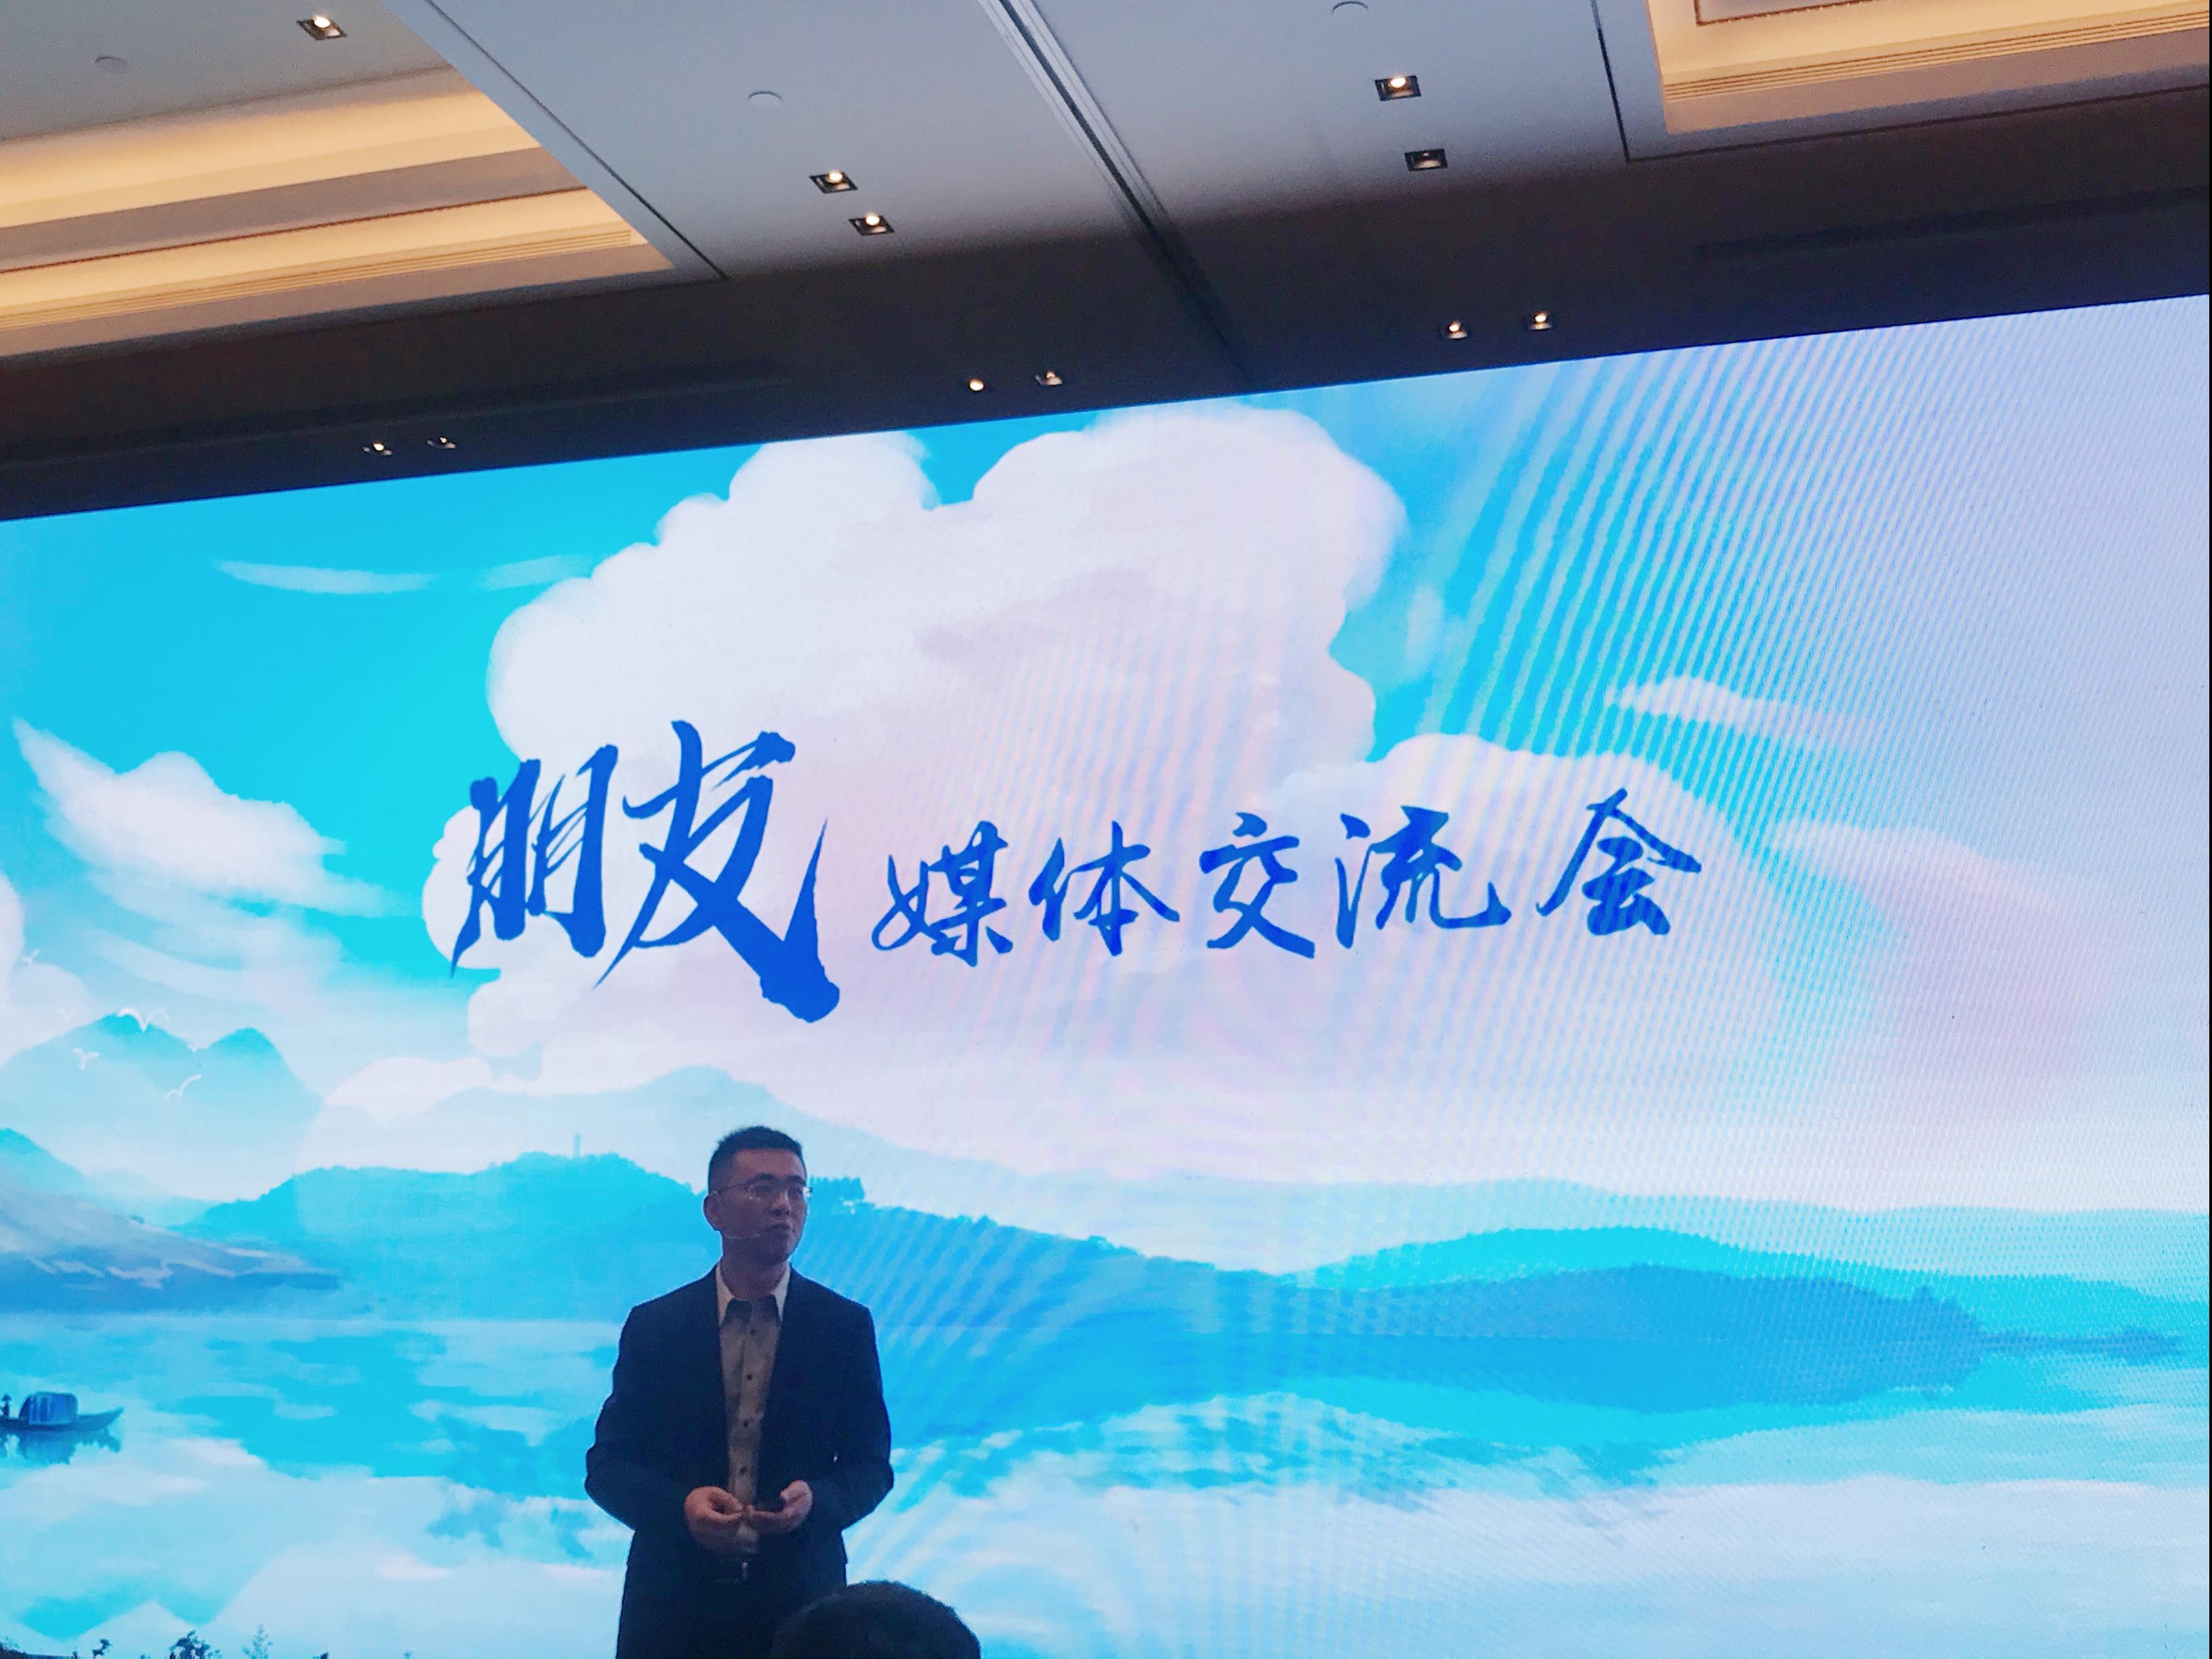 萬科劉肖:要站在城市正確發展的方向-中國網地産